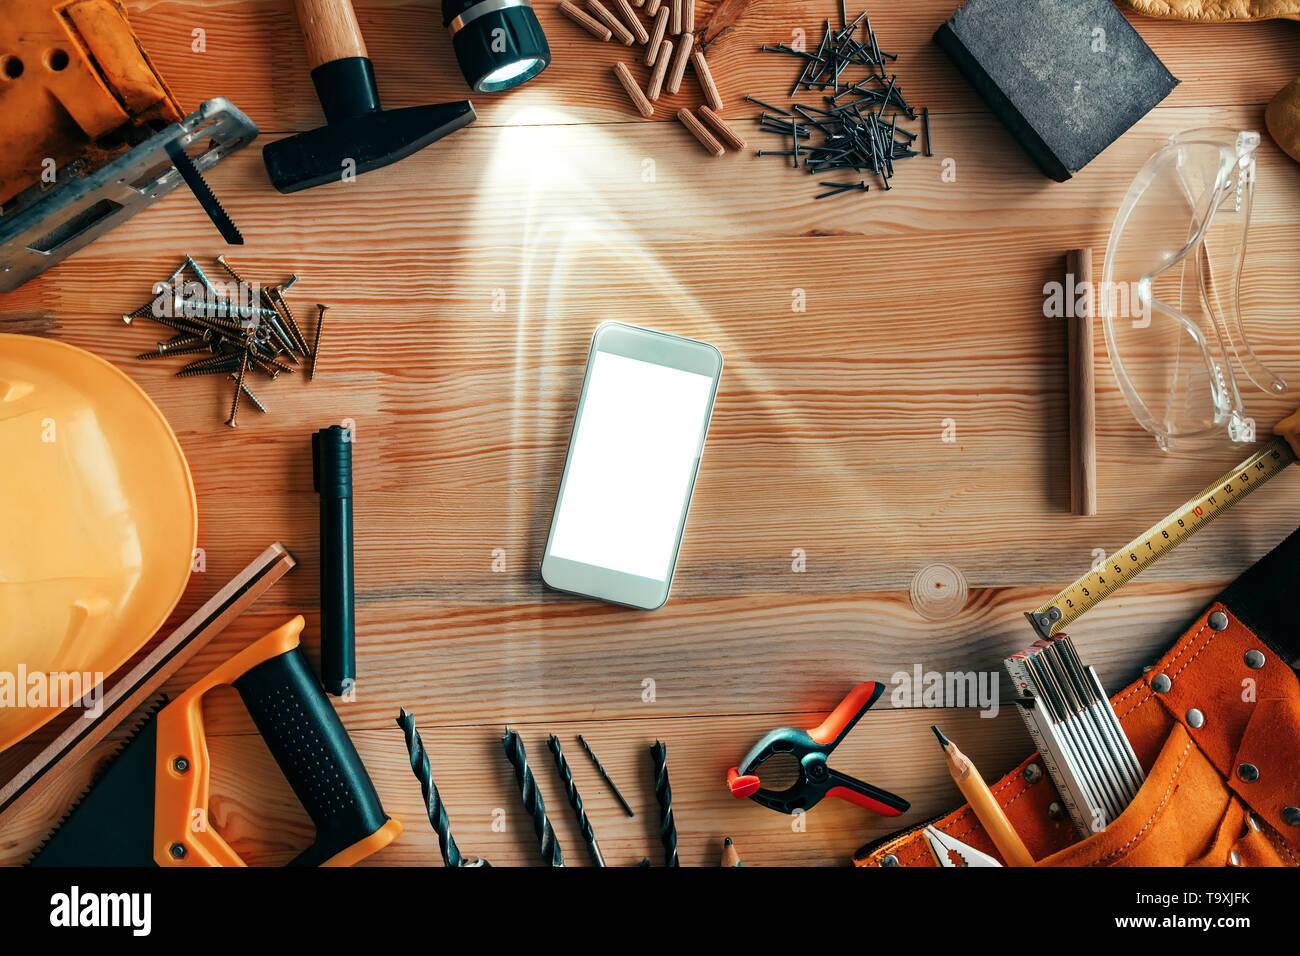 Maquette du smartphone sur l'atelier de menuiserie menuiserie 24, vue d'en haut Banque D'Images